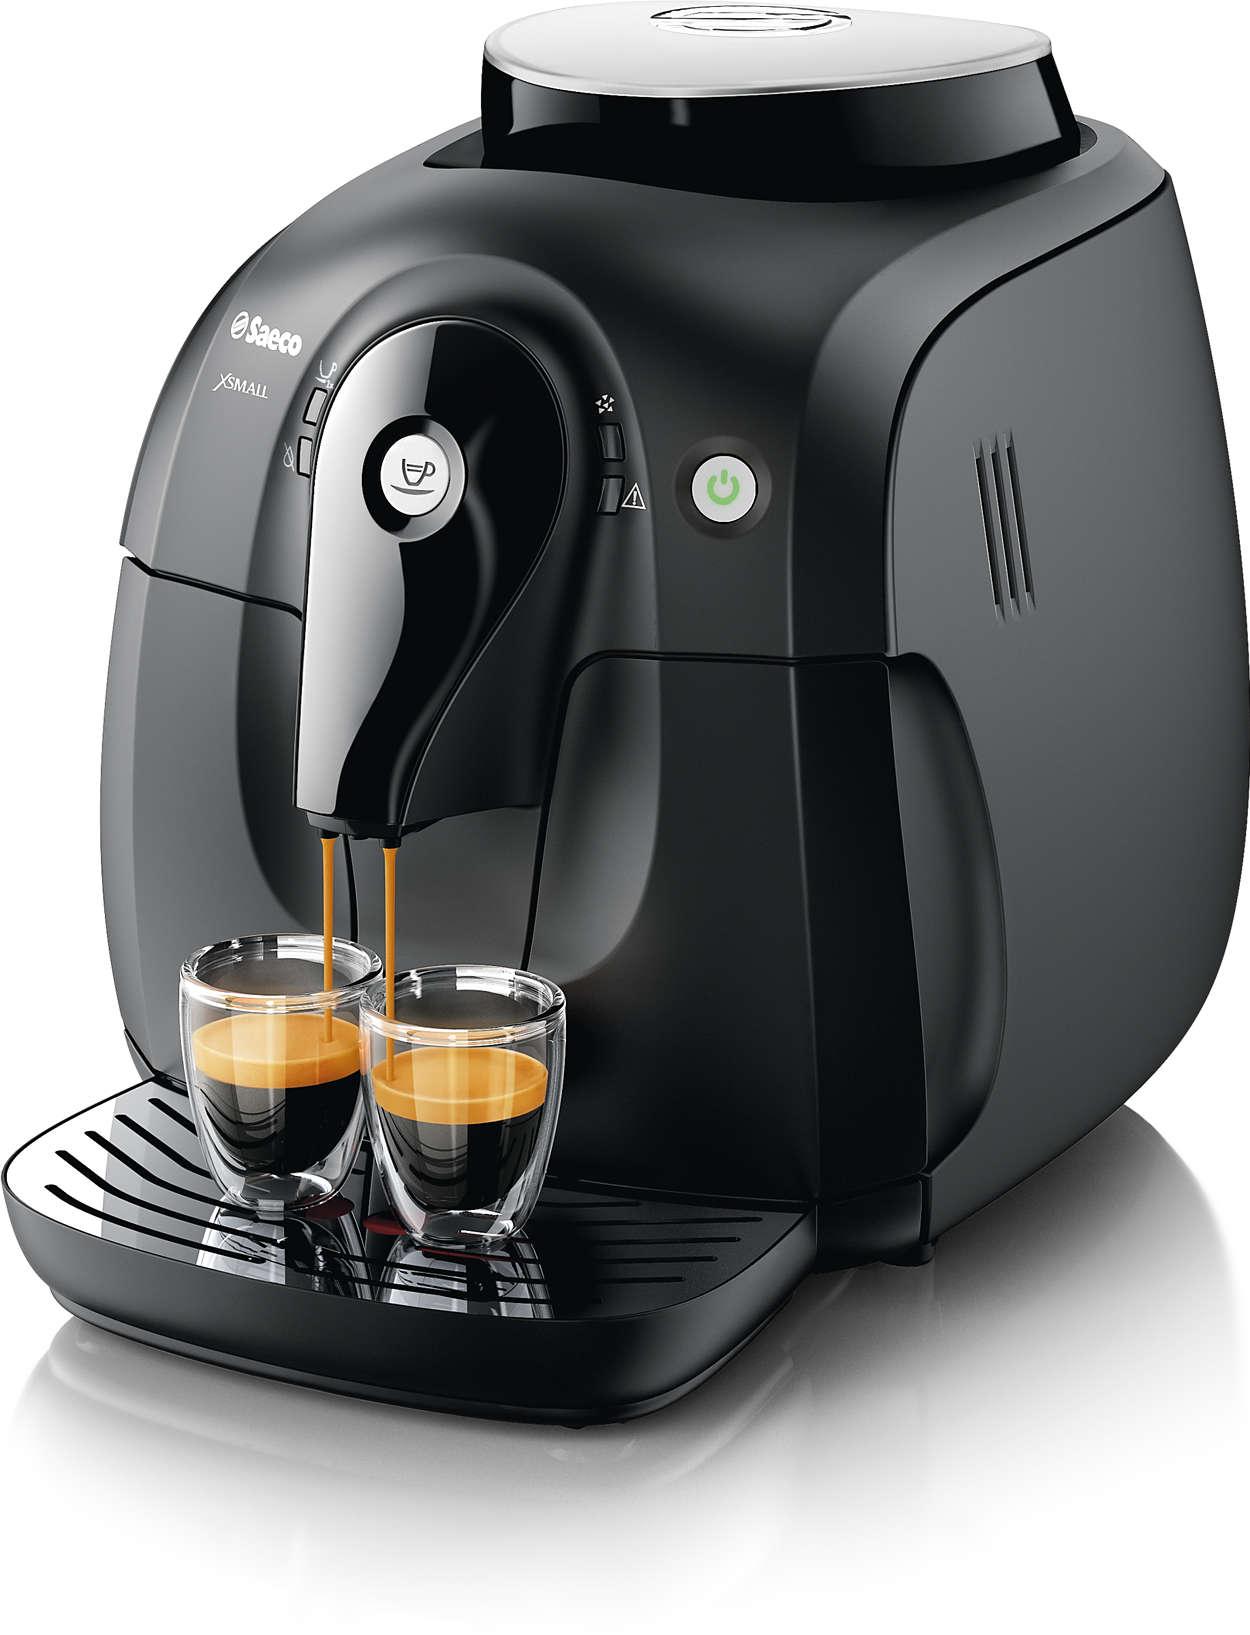 Espressor, uz casnic, Aparat de cafea, , Cafea boabe, Espressoare Cluj-Napoca, Aparat de cafea Cluj, Saeco